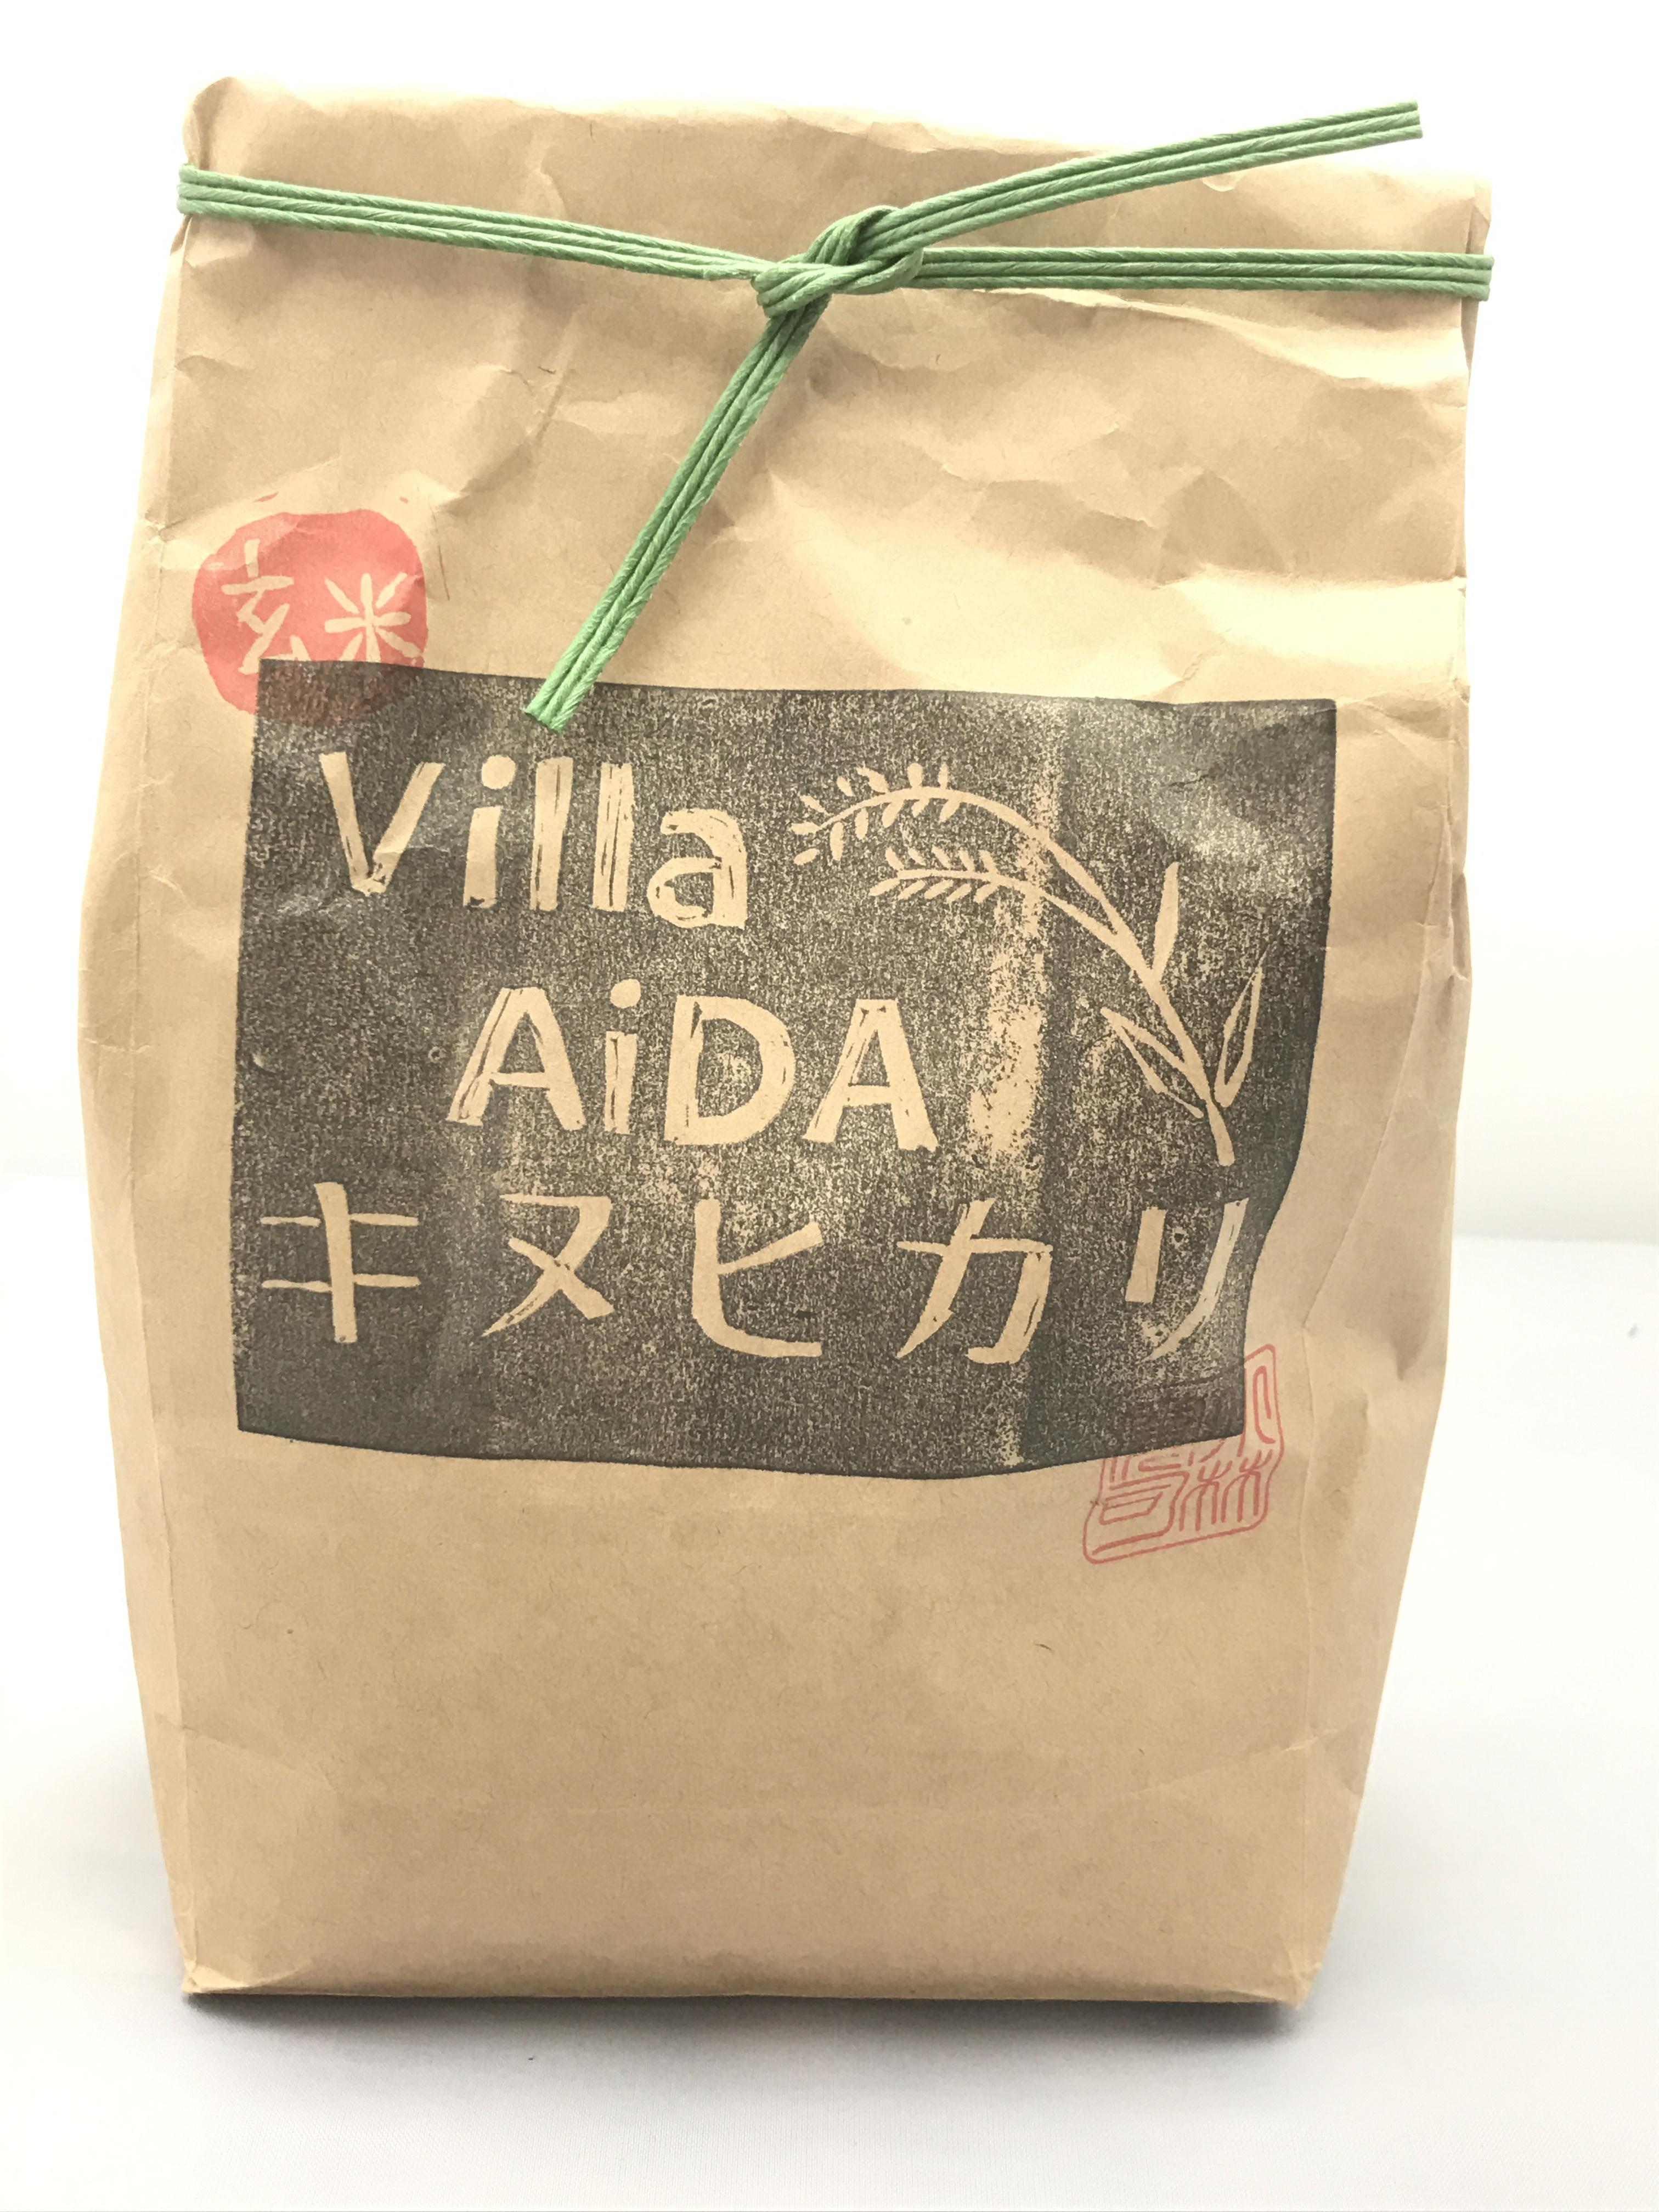 AiDA農園の米、令和2年産、10kg